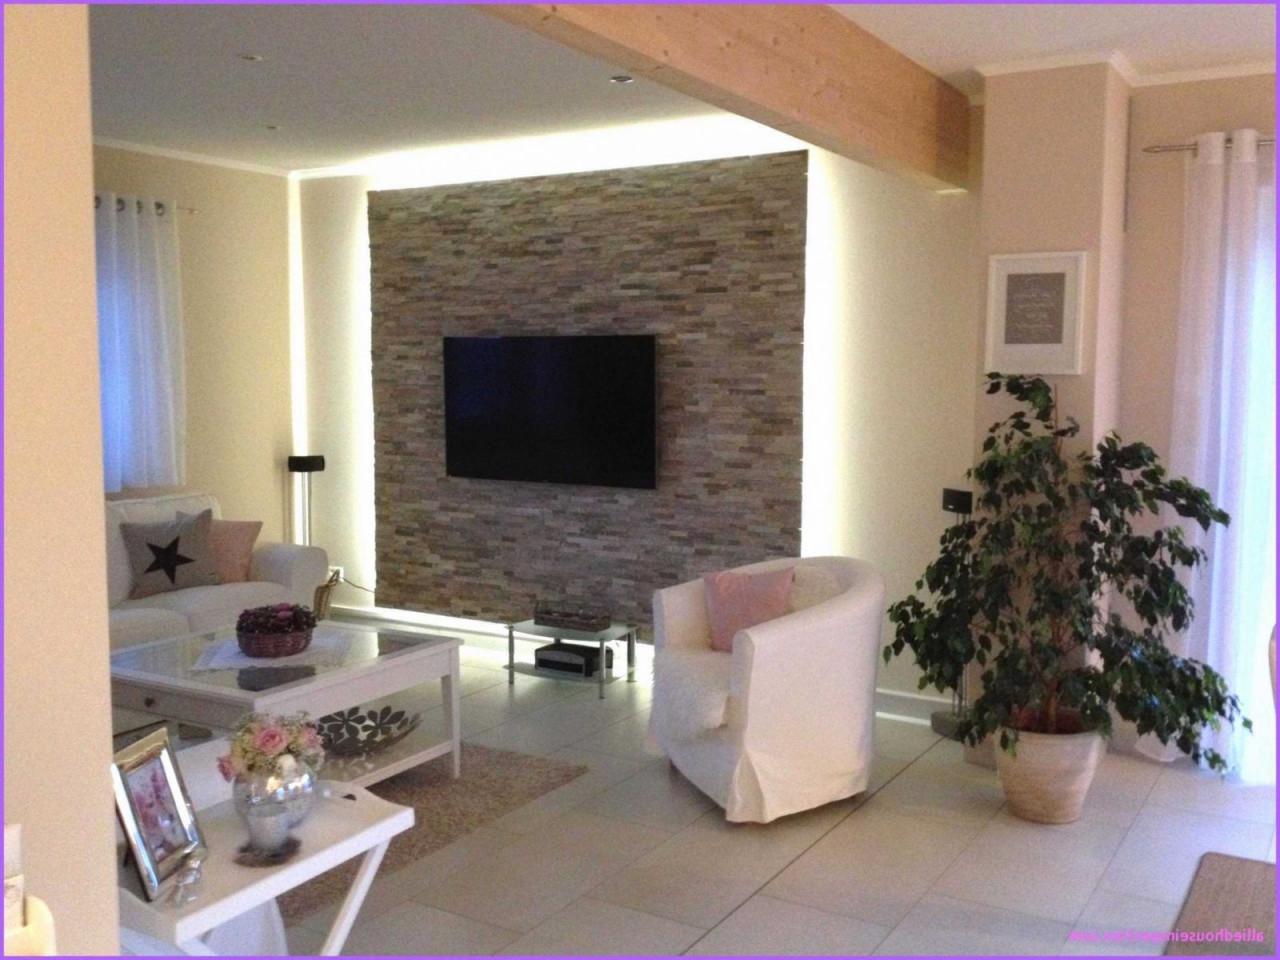 40 Luxus Von Deko Wand Wohnzimmer Konzept Wohnzimmer Ideen von Deko Für Wand Wohnzimmer Bild